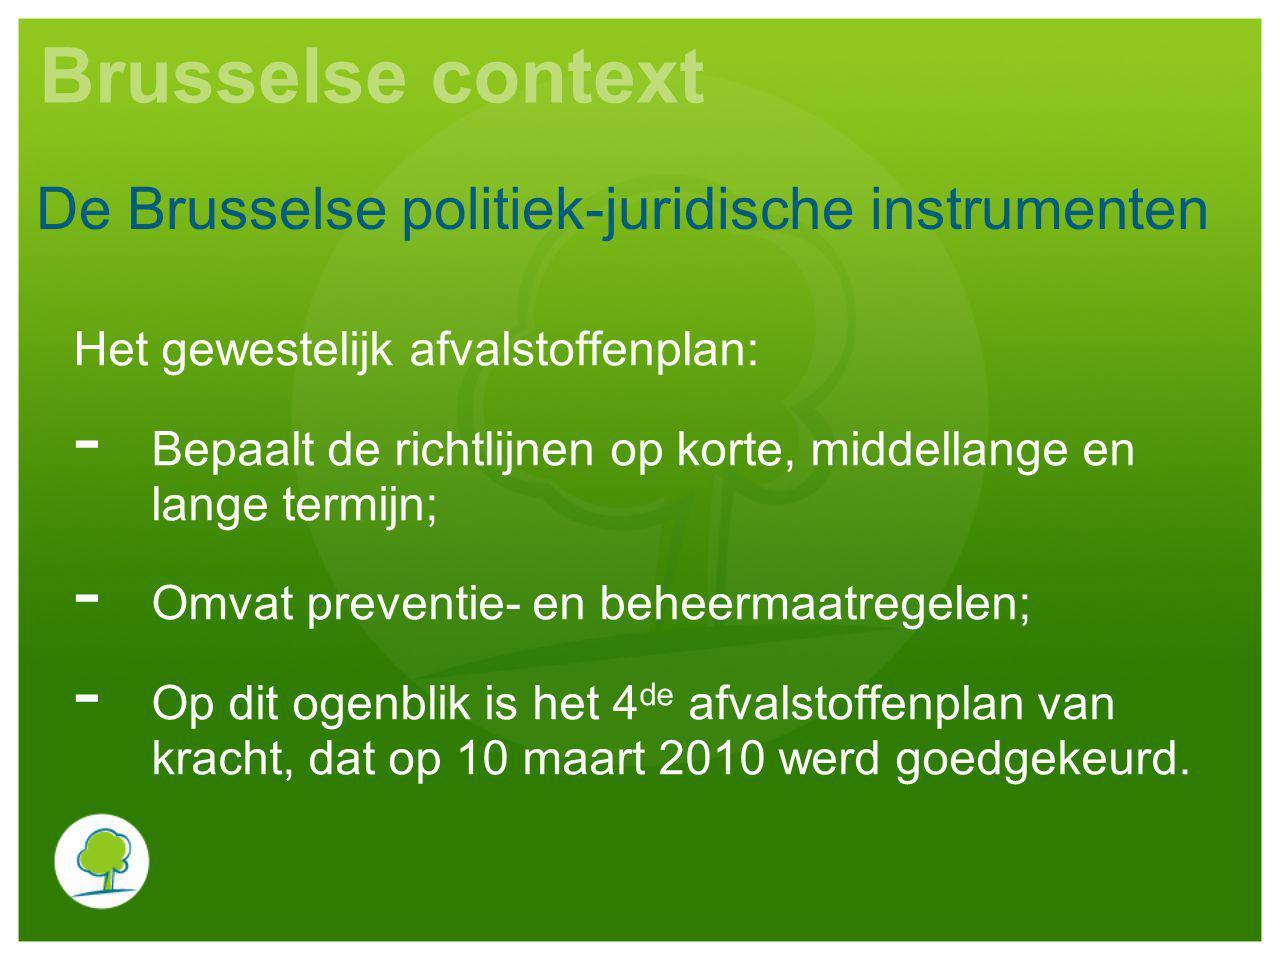 Brusselse context Het gewestelijk afvalstoffenplan: - Bepaalt de richtlijnen op korte, middellange en lange termijn; - Omvat preventie- en beheermaatr